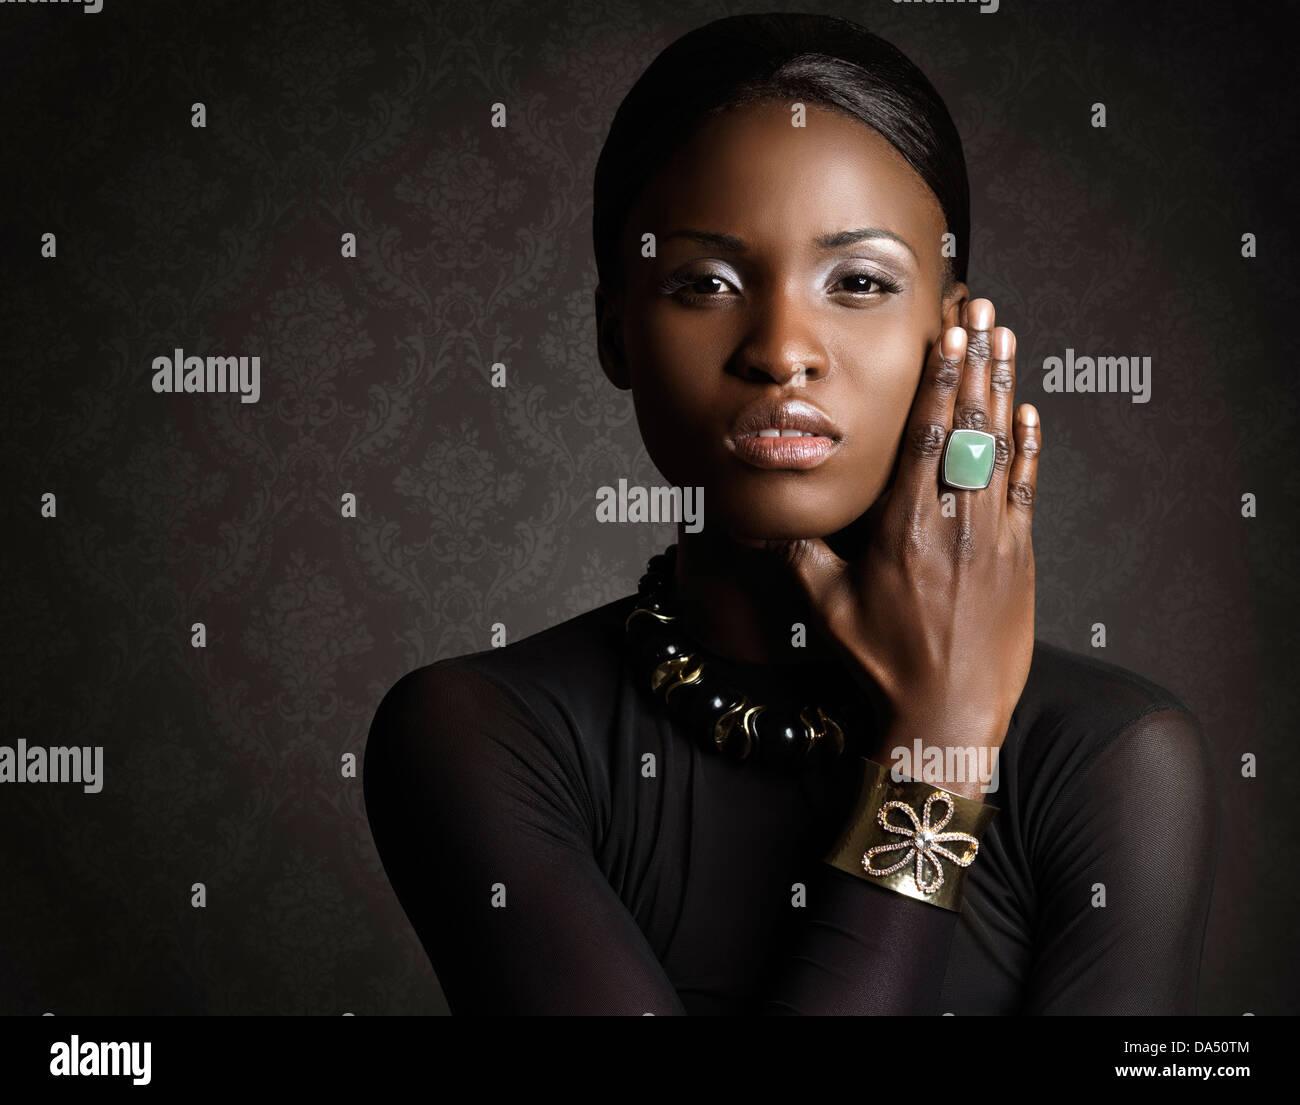 Retrato de belleza atractiva afroamericana en negro las joyas, anillo, pulsera y collar Imagen De Stock